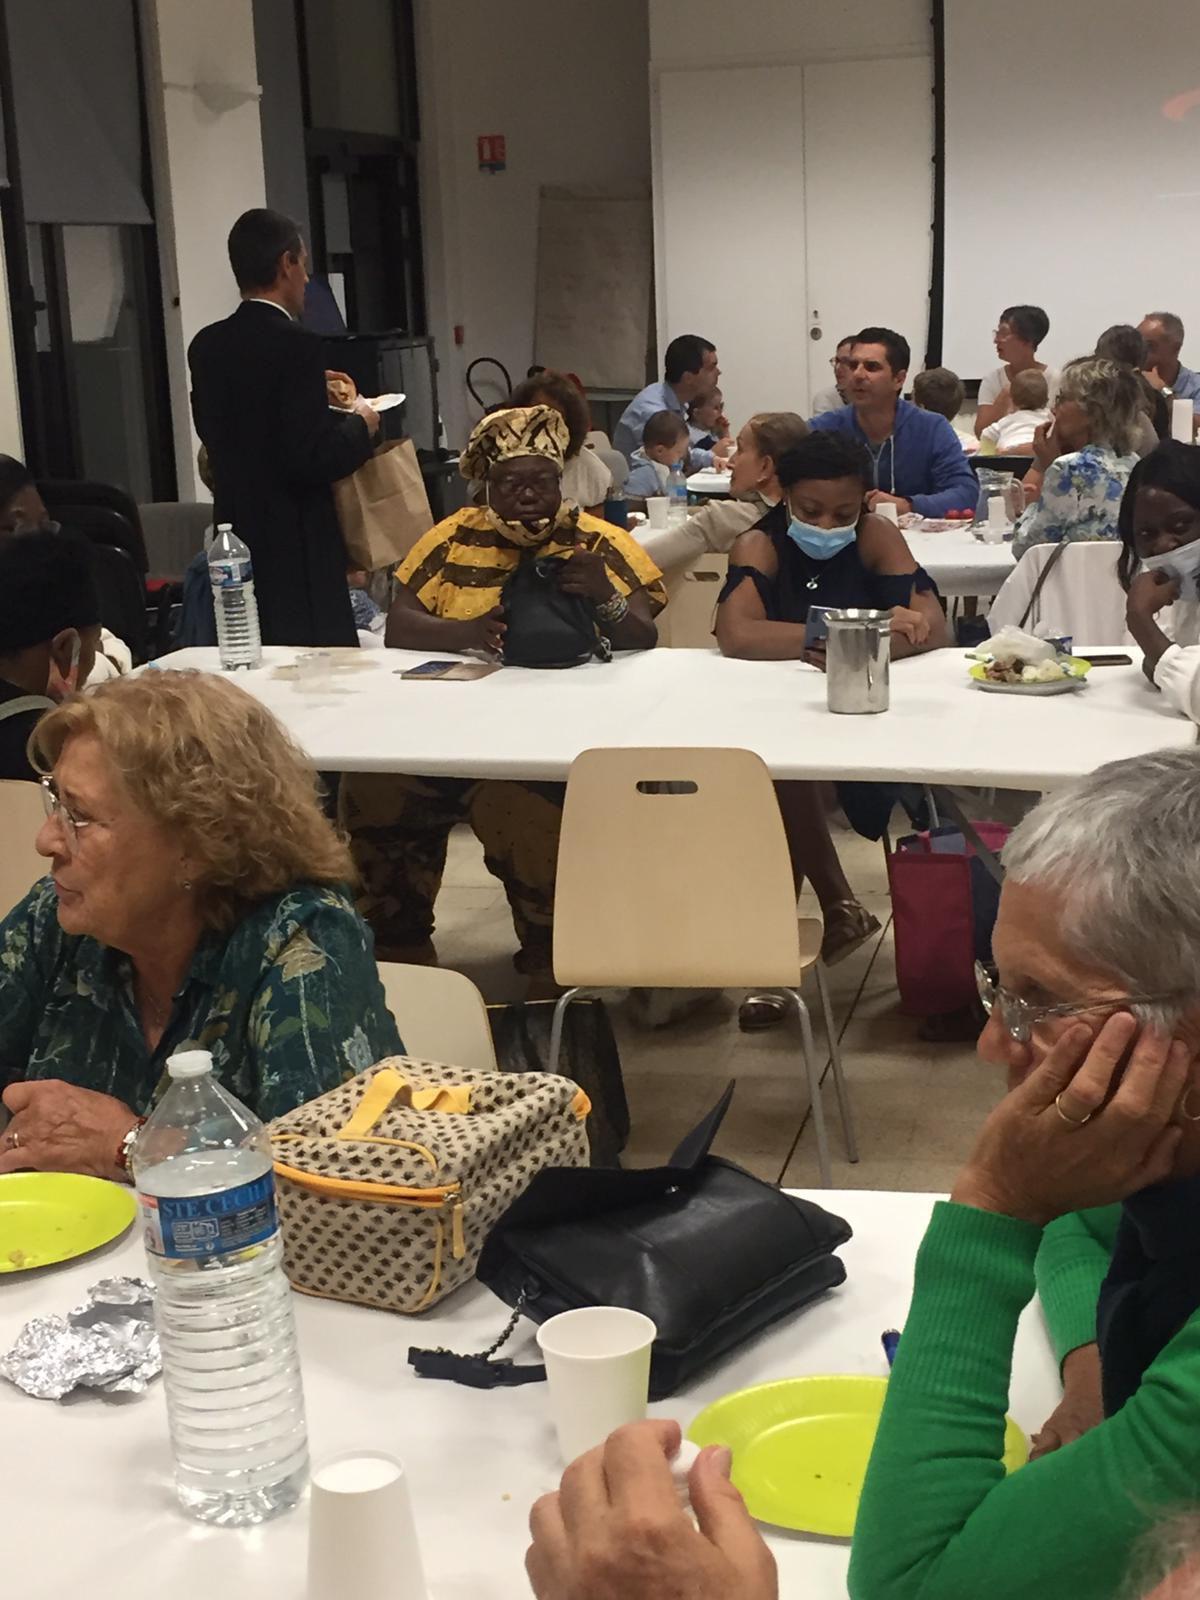 Un repas partagé respectant les consignes sanitaires a eu lieu samedi soir à la Maison Saint François.